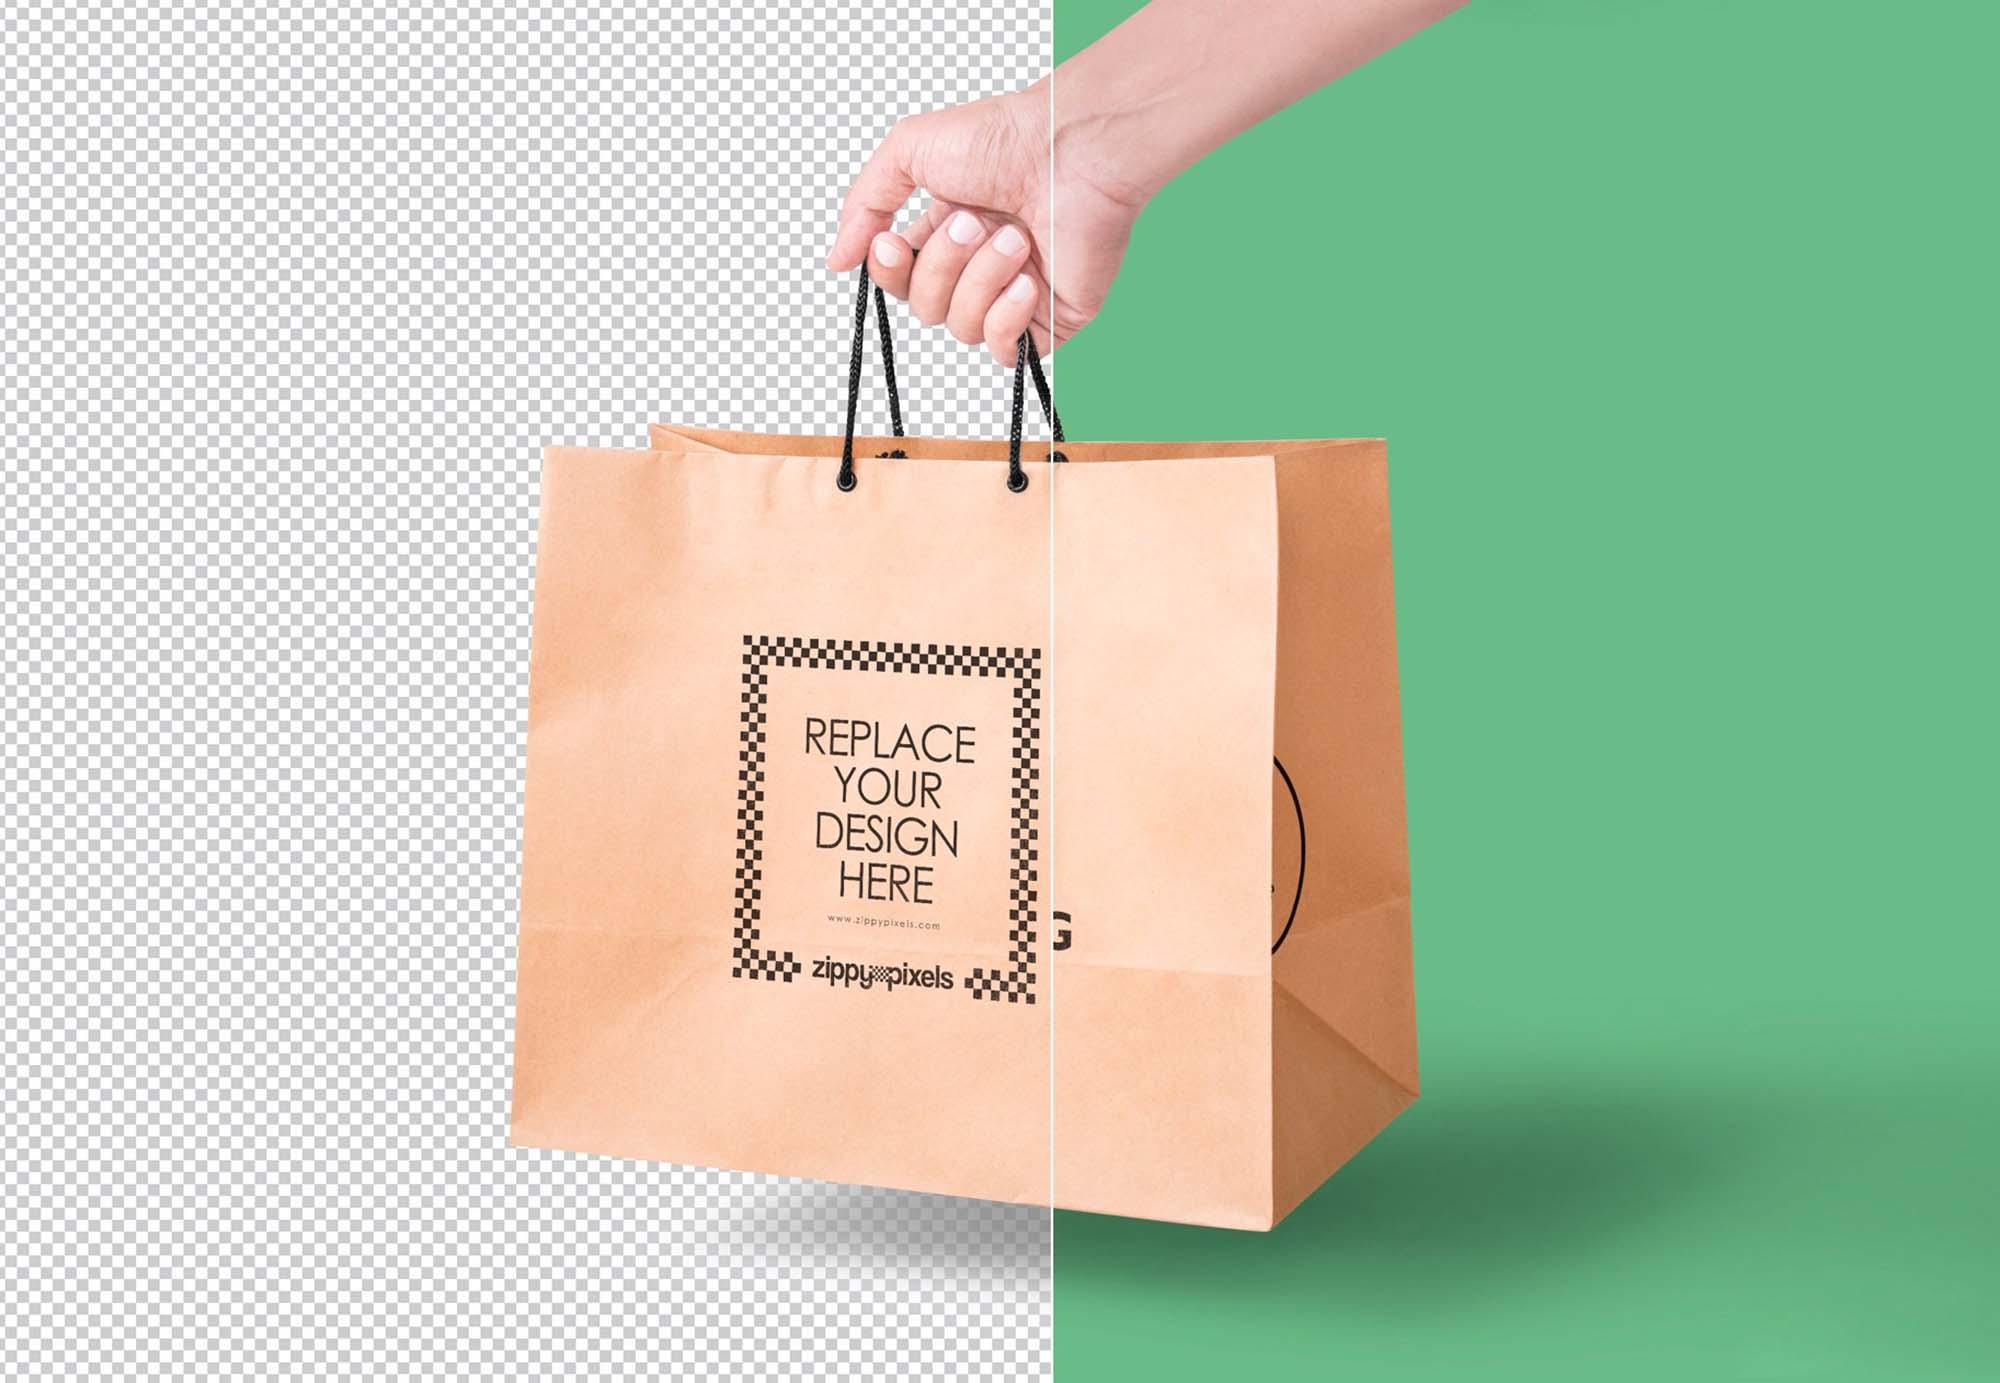 Handheld Paper Bag Mockup PSD